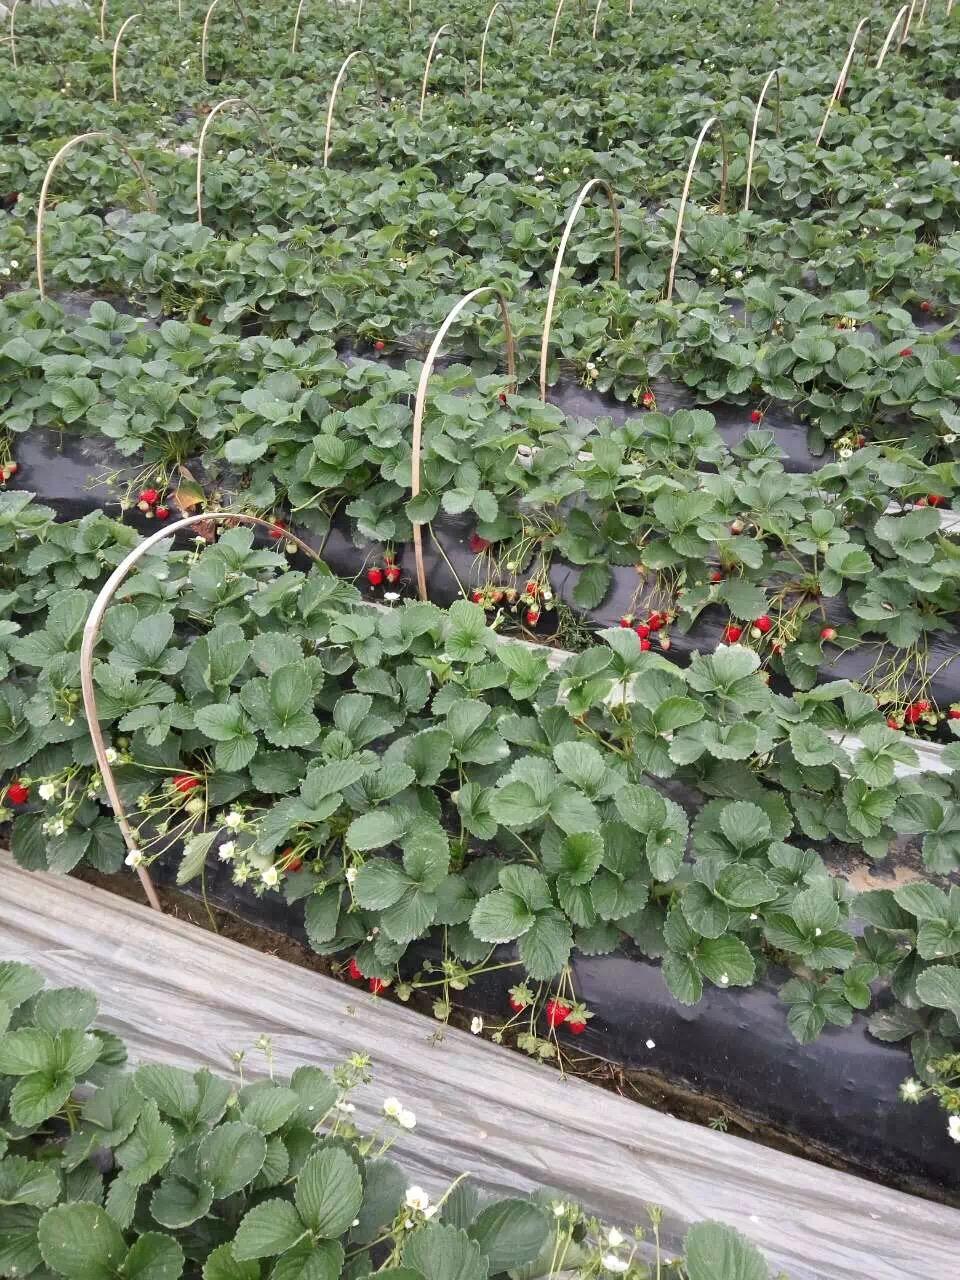 果树苗木 哪里出售法兰地草莓苗几月份结果  丰香草莓苗:果实大,平均